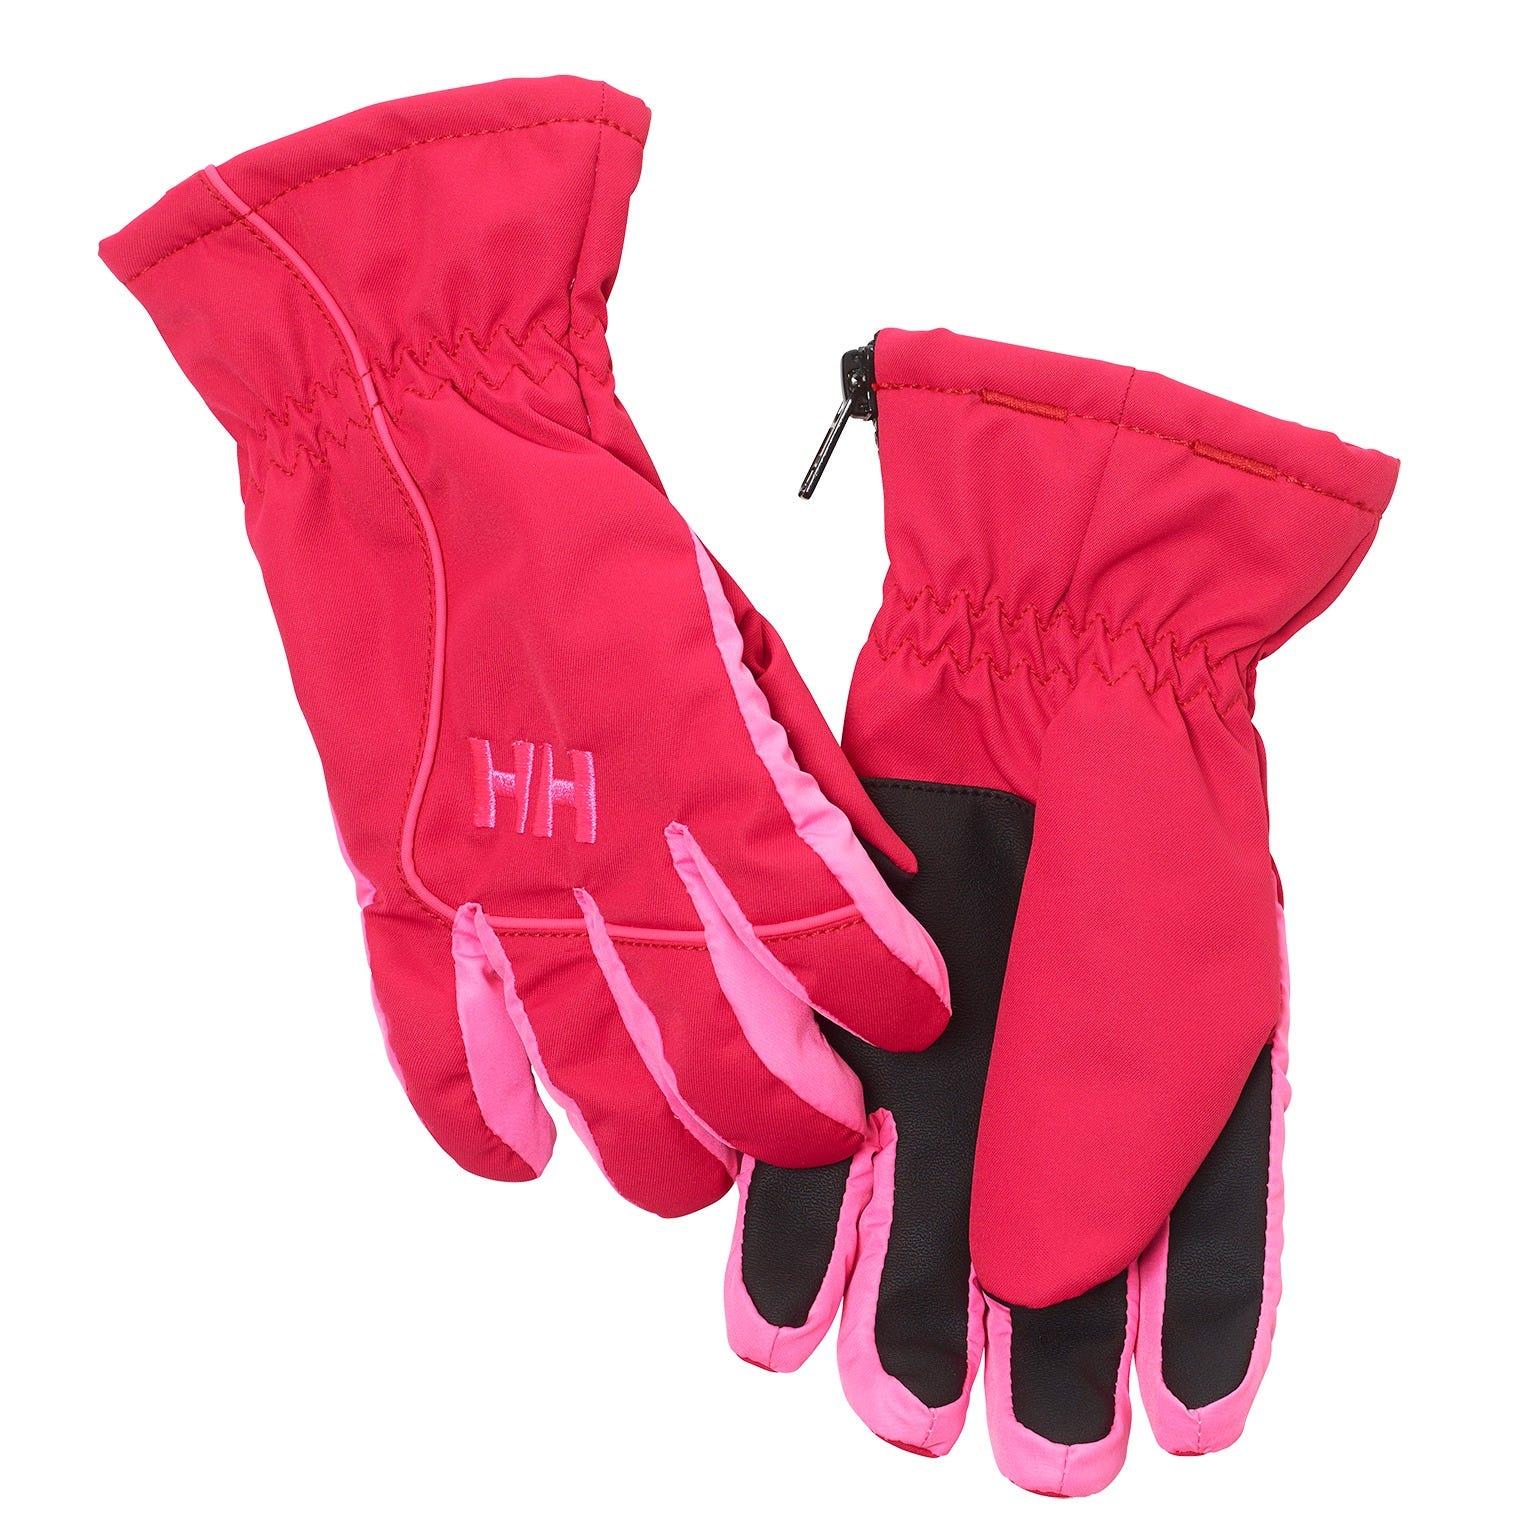 Helly Hansen J/k Tyro Glove Kids Purple L